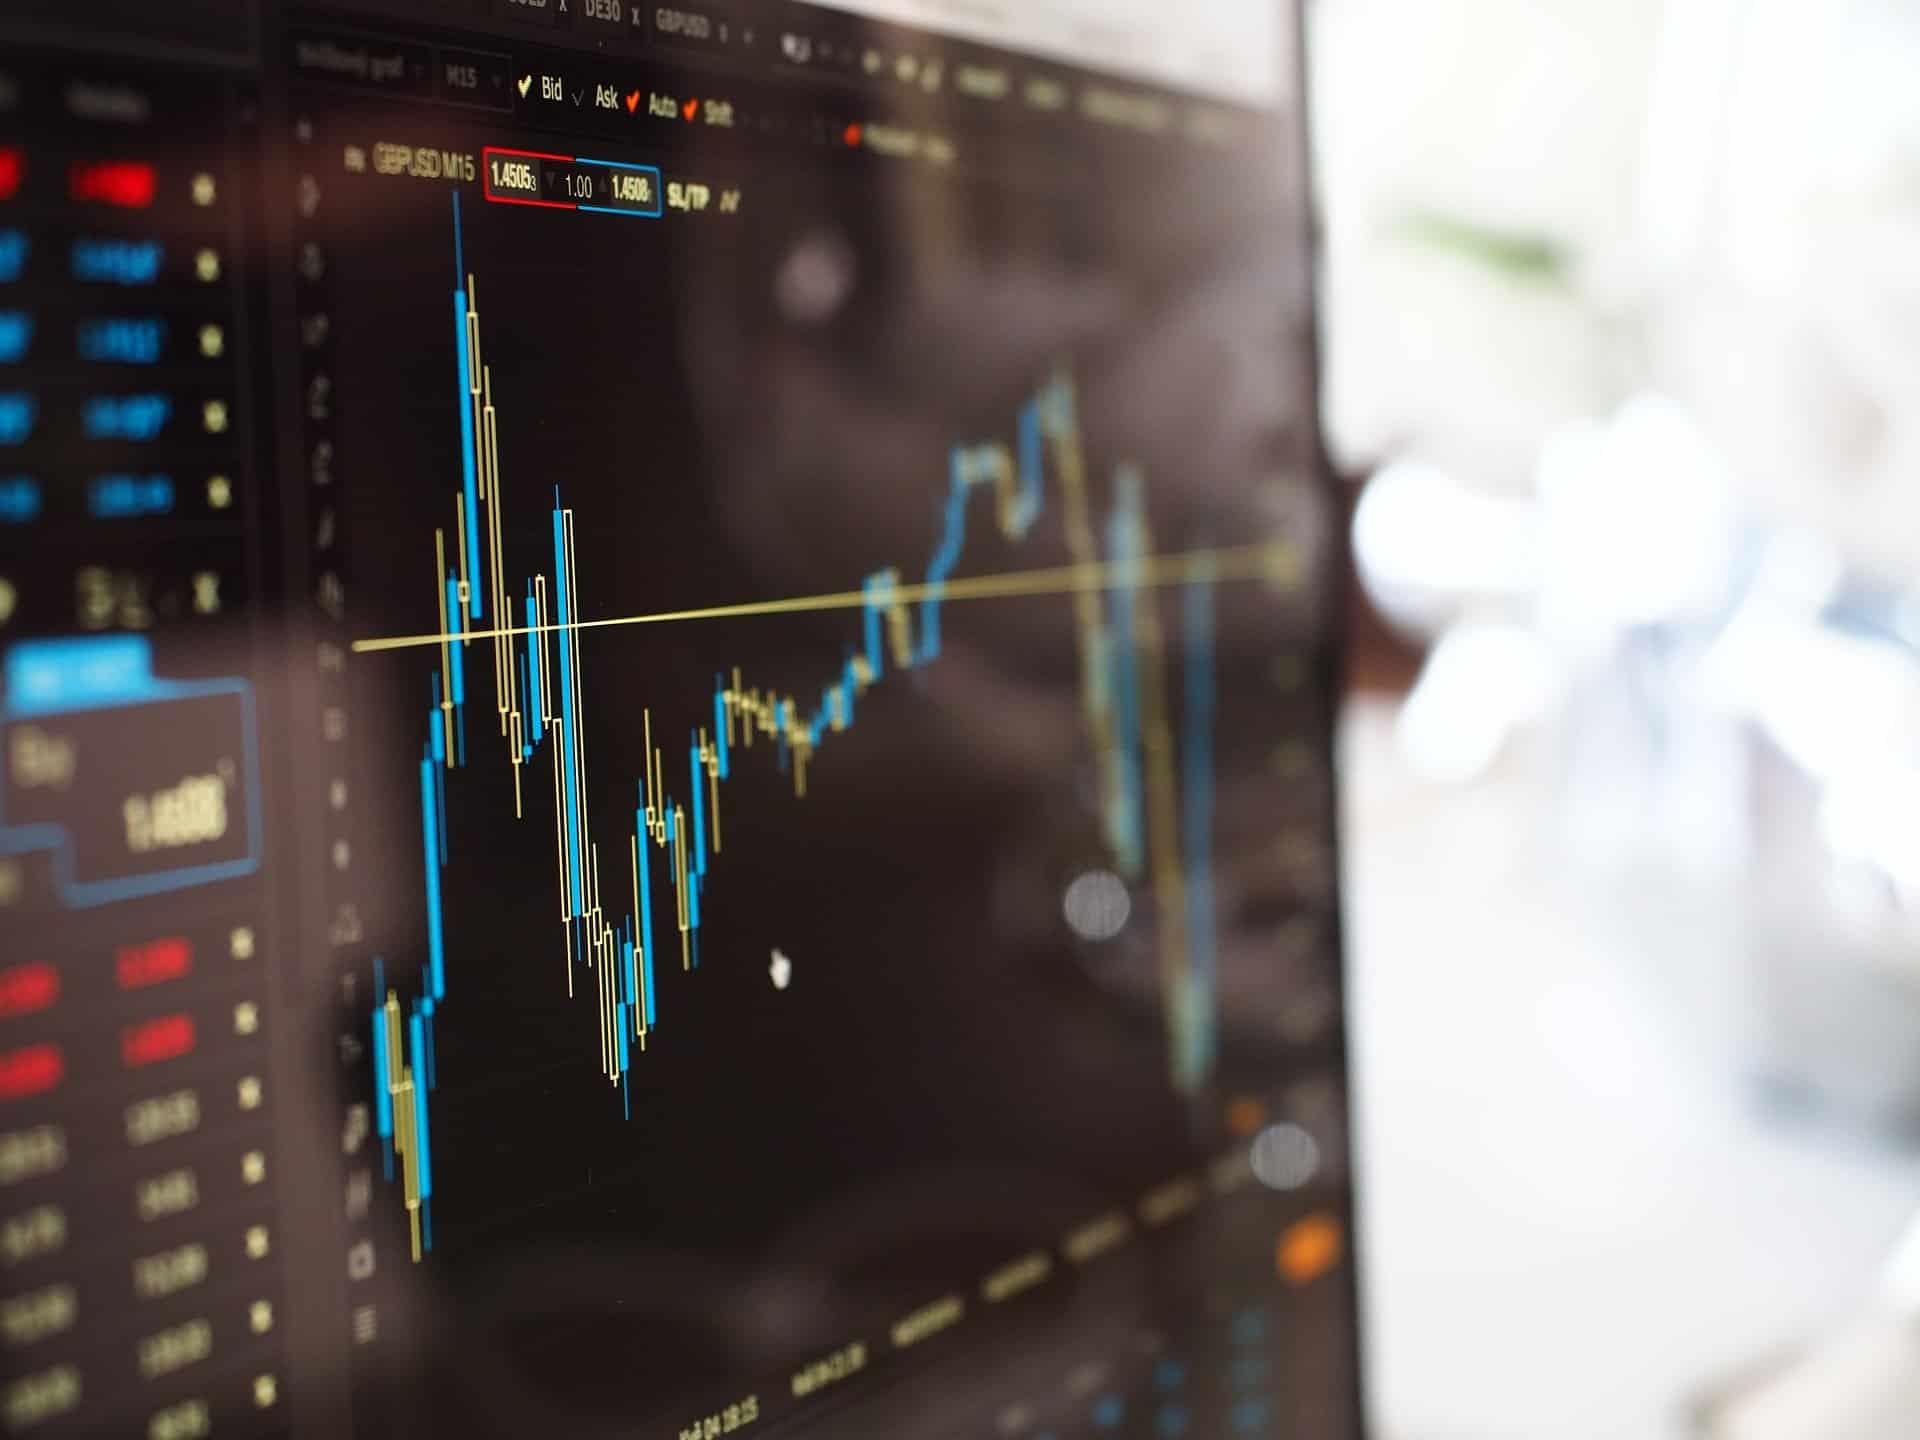 Meilleur site pour trouver des conseils sur la finance?